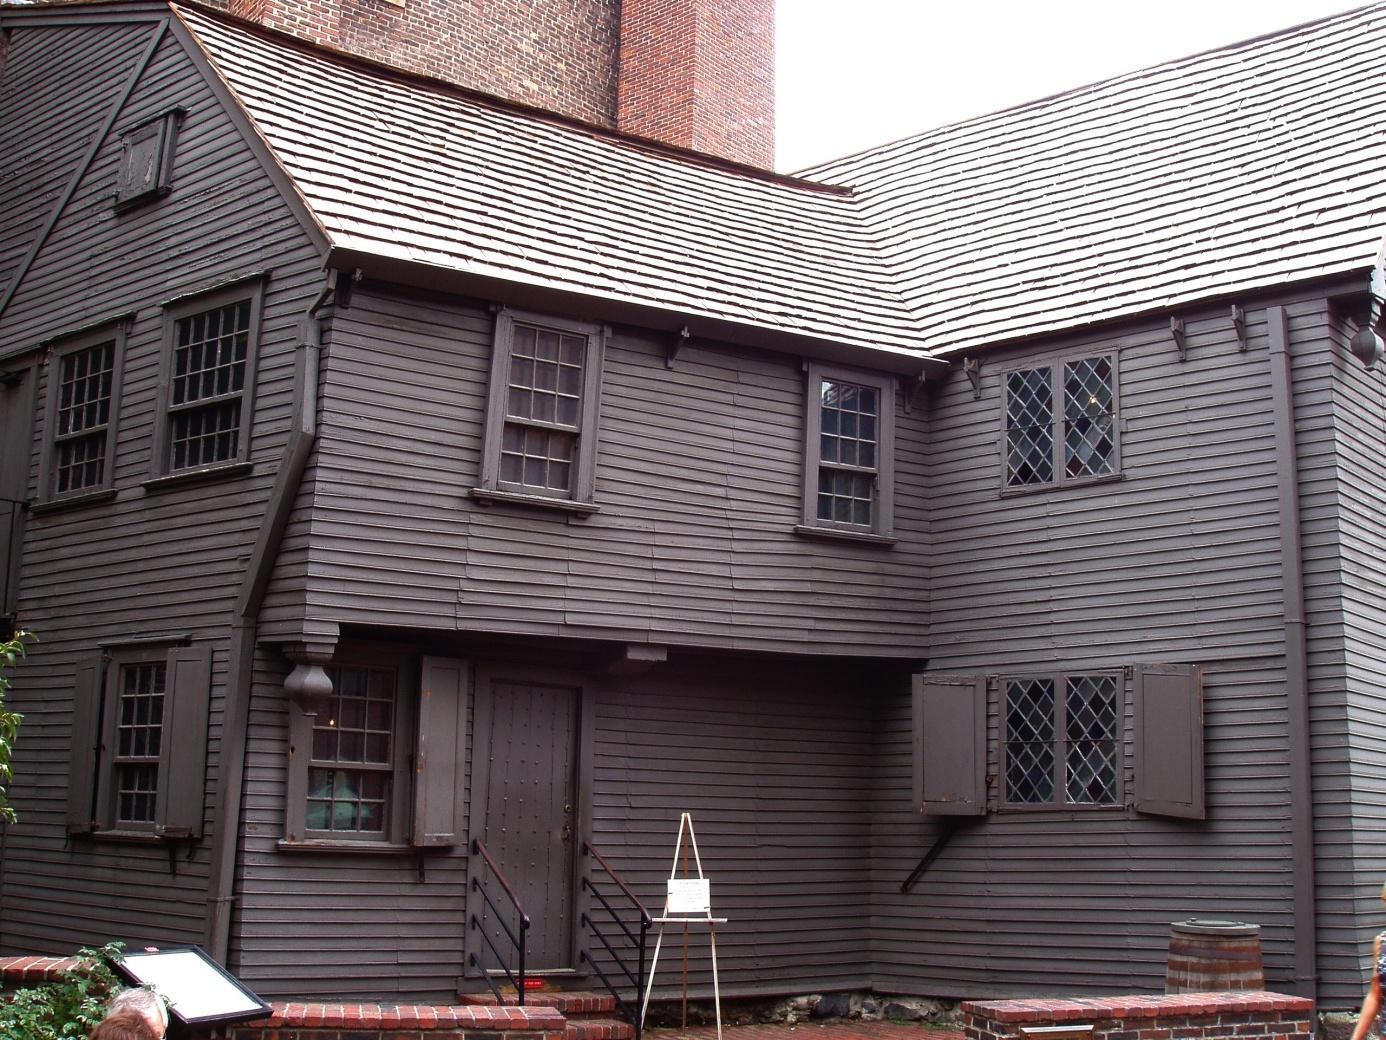 https://upload.wikimedia.org/wikipedia/commons/0/08/Paul_Revere_House_side_view.jpg